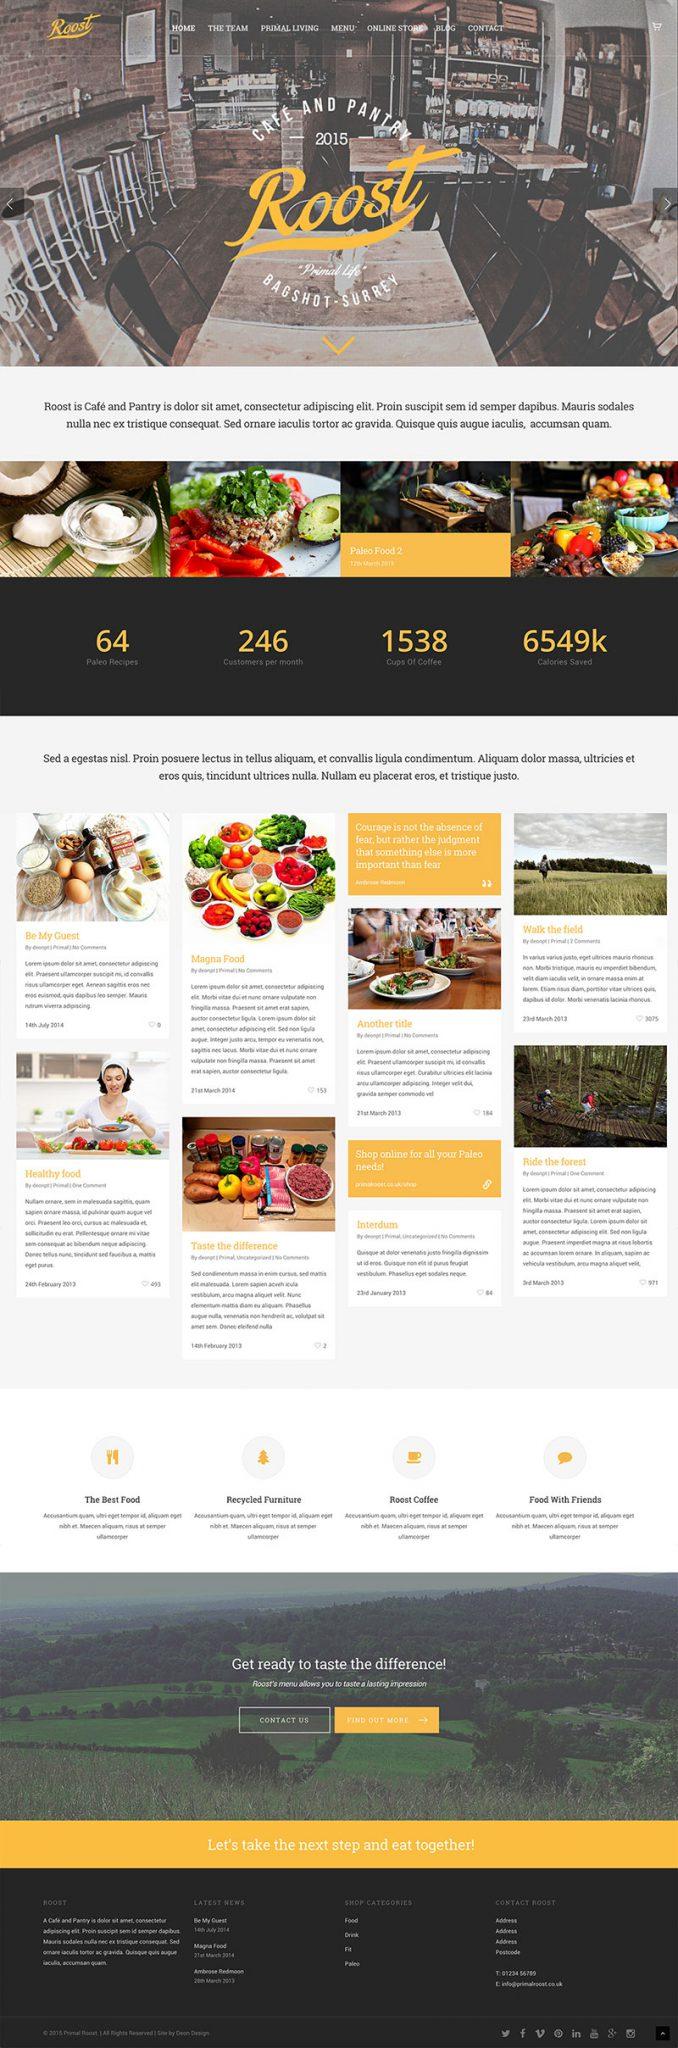 deon-design-primal-roost-website-design